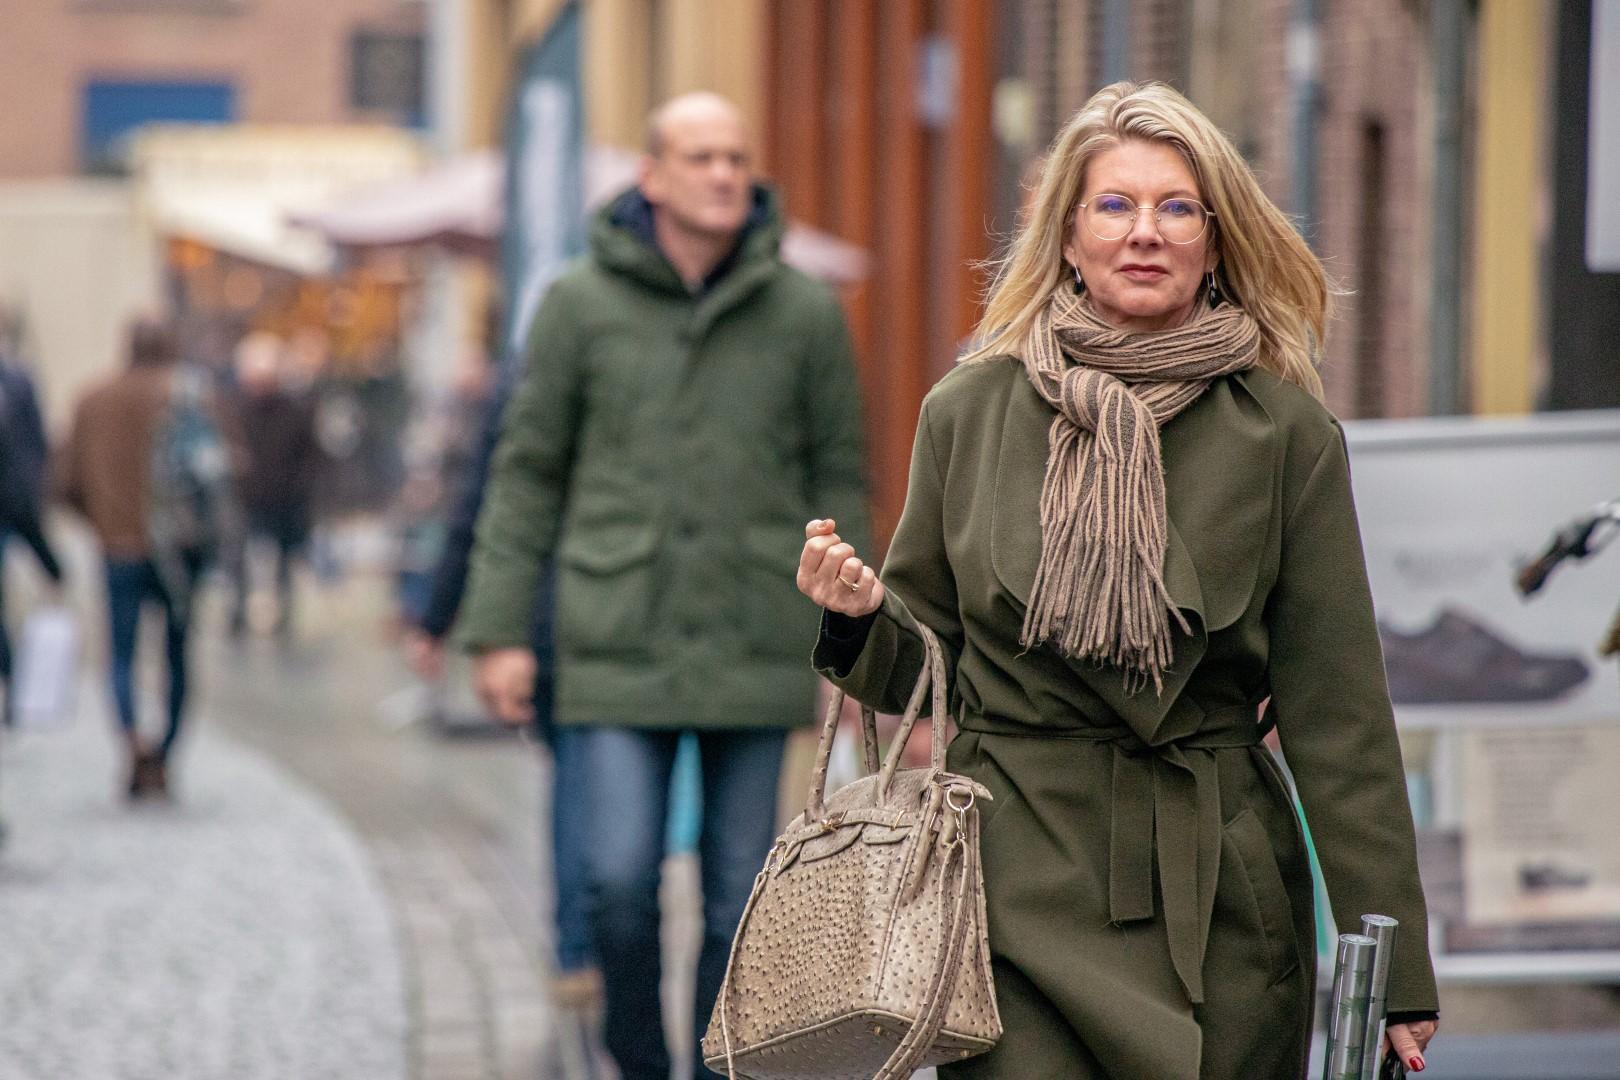 zuivelstraat winkelen winkelende mensen druk vrouw te shoppen winkelstraat december winter